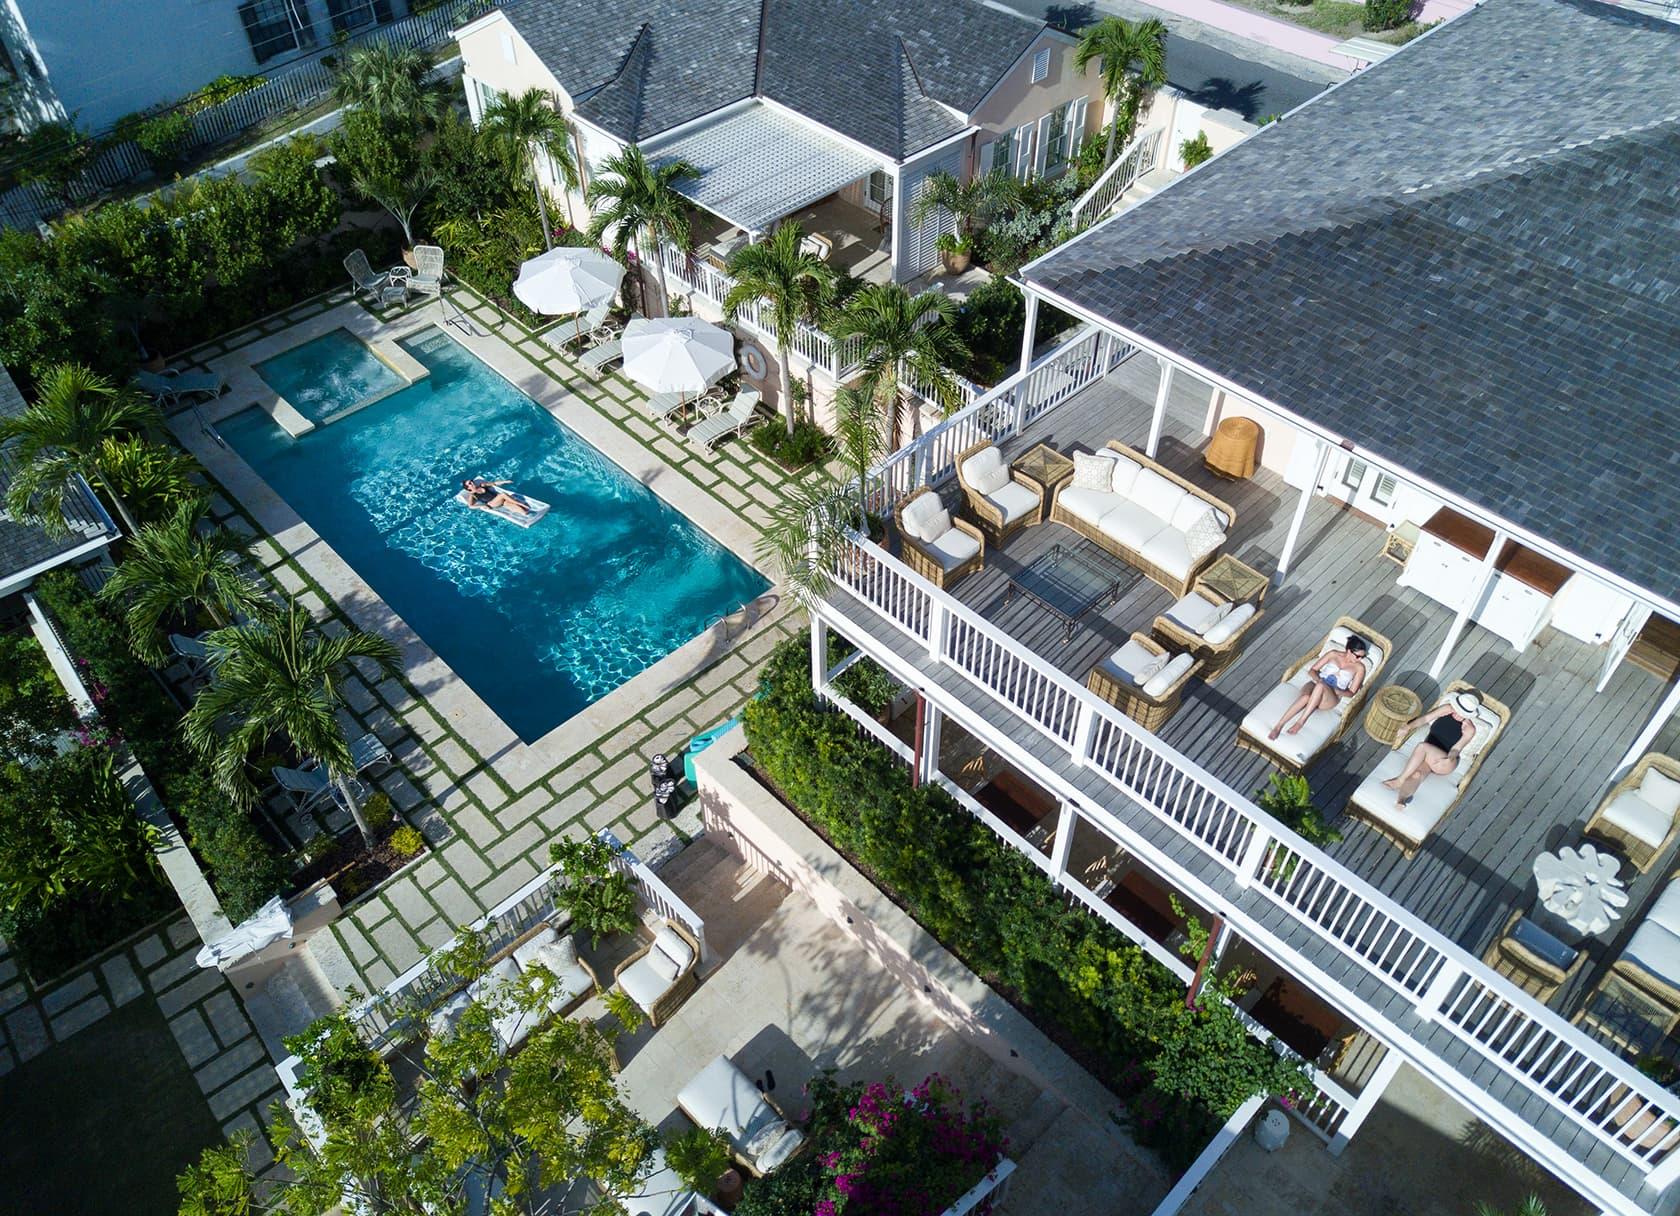 Eleven Bahama house lodge